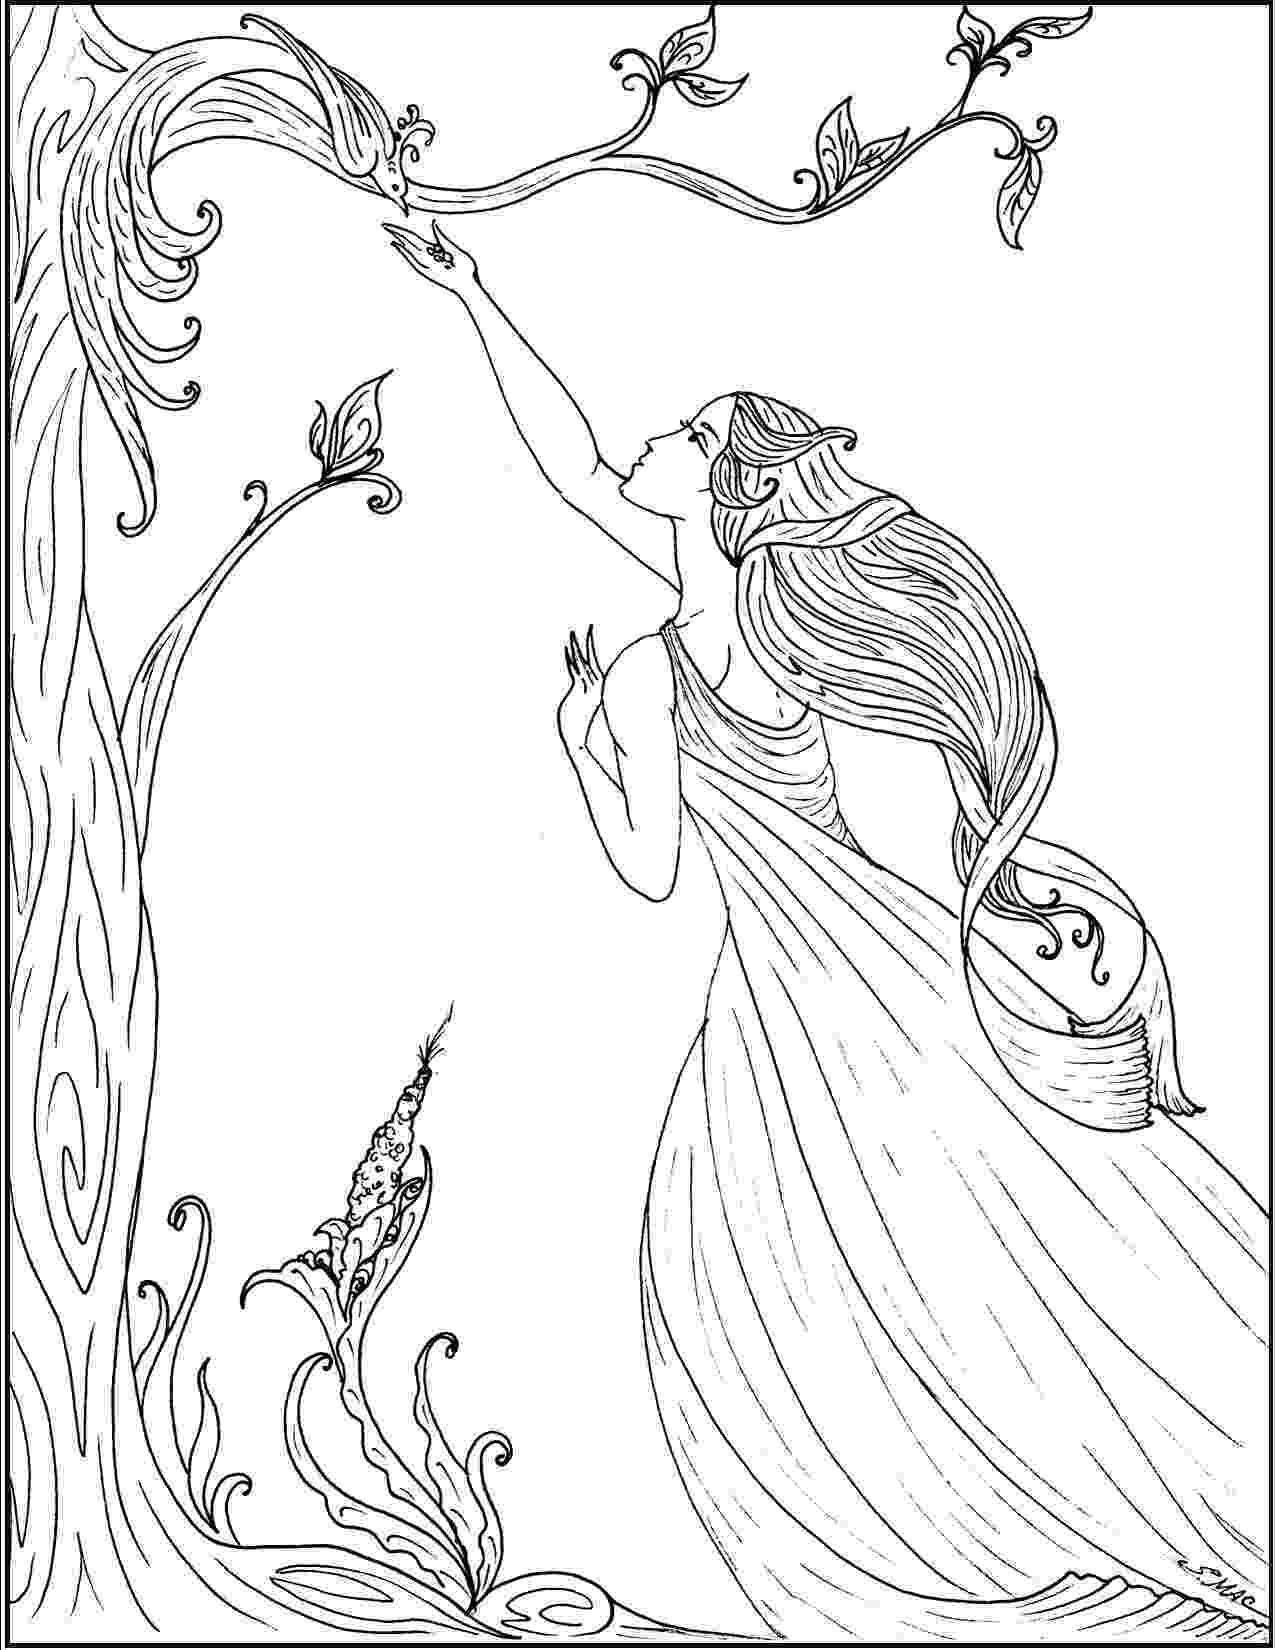 art nouveau coloring book online art nouveau coloring pages smac39s place to be online art coloring book nouveau